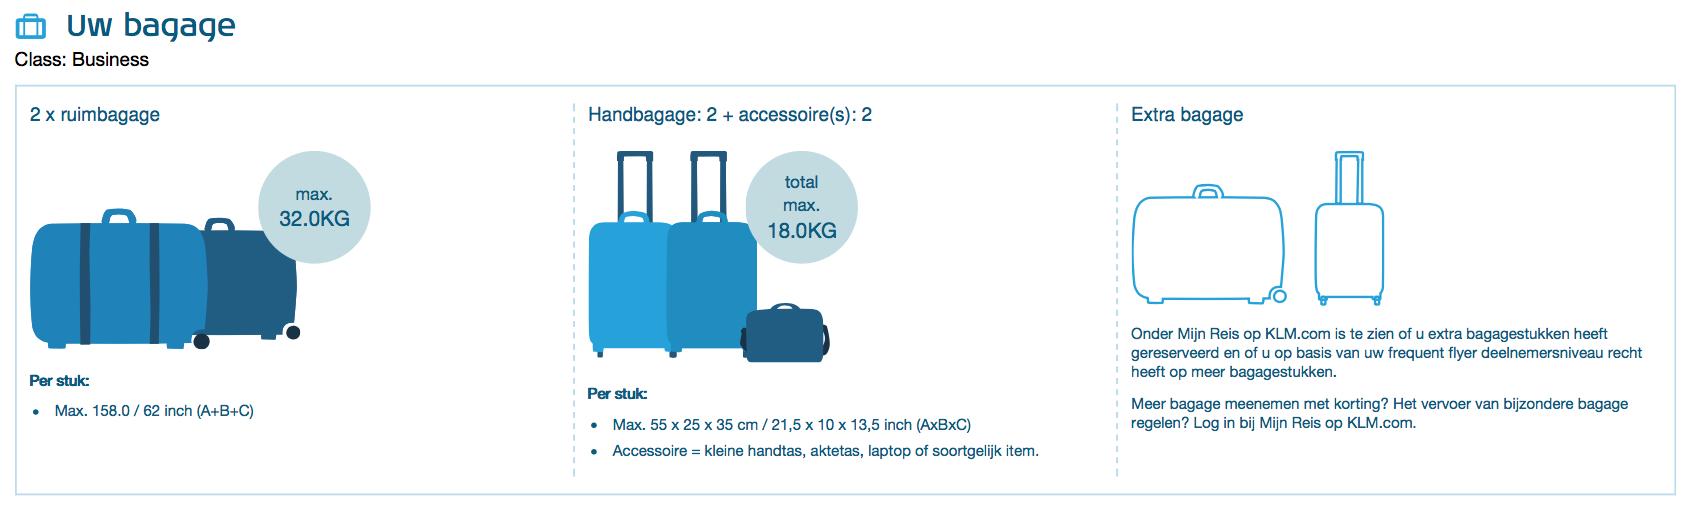 KLM Business class - Bagage informatie